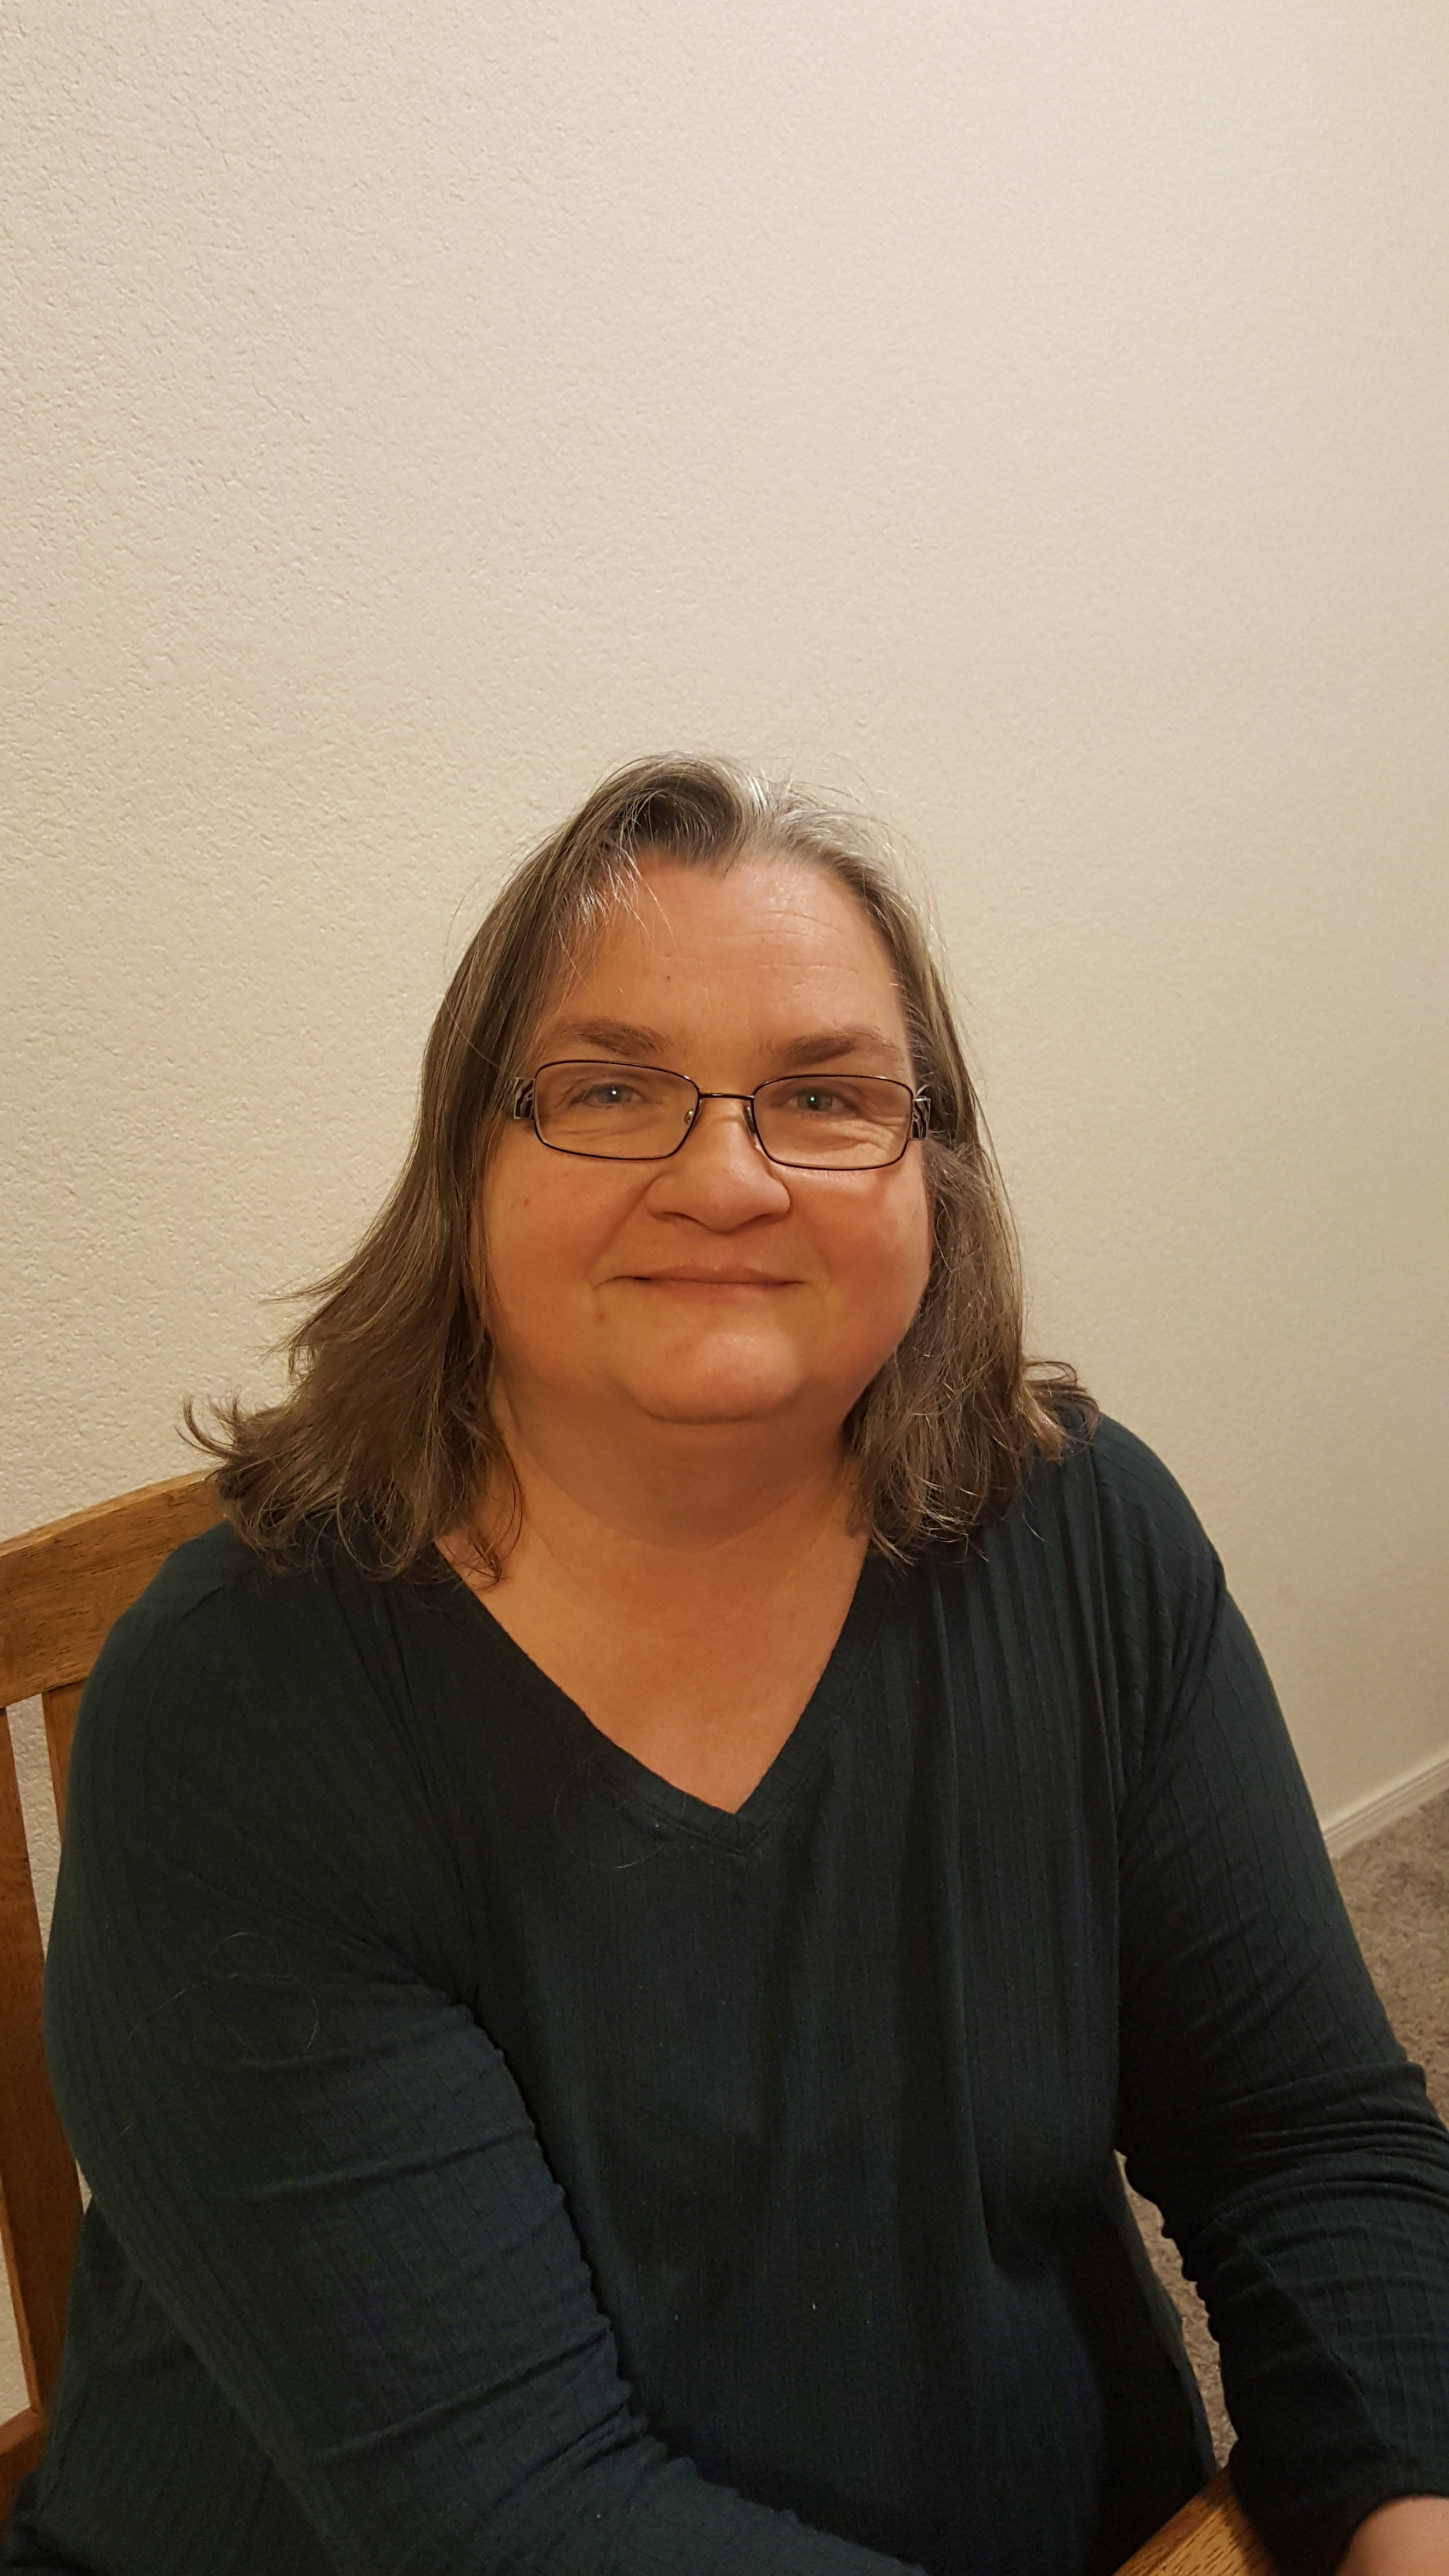 Flute & Piano Teacher Michelle Corker